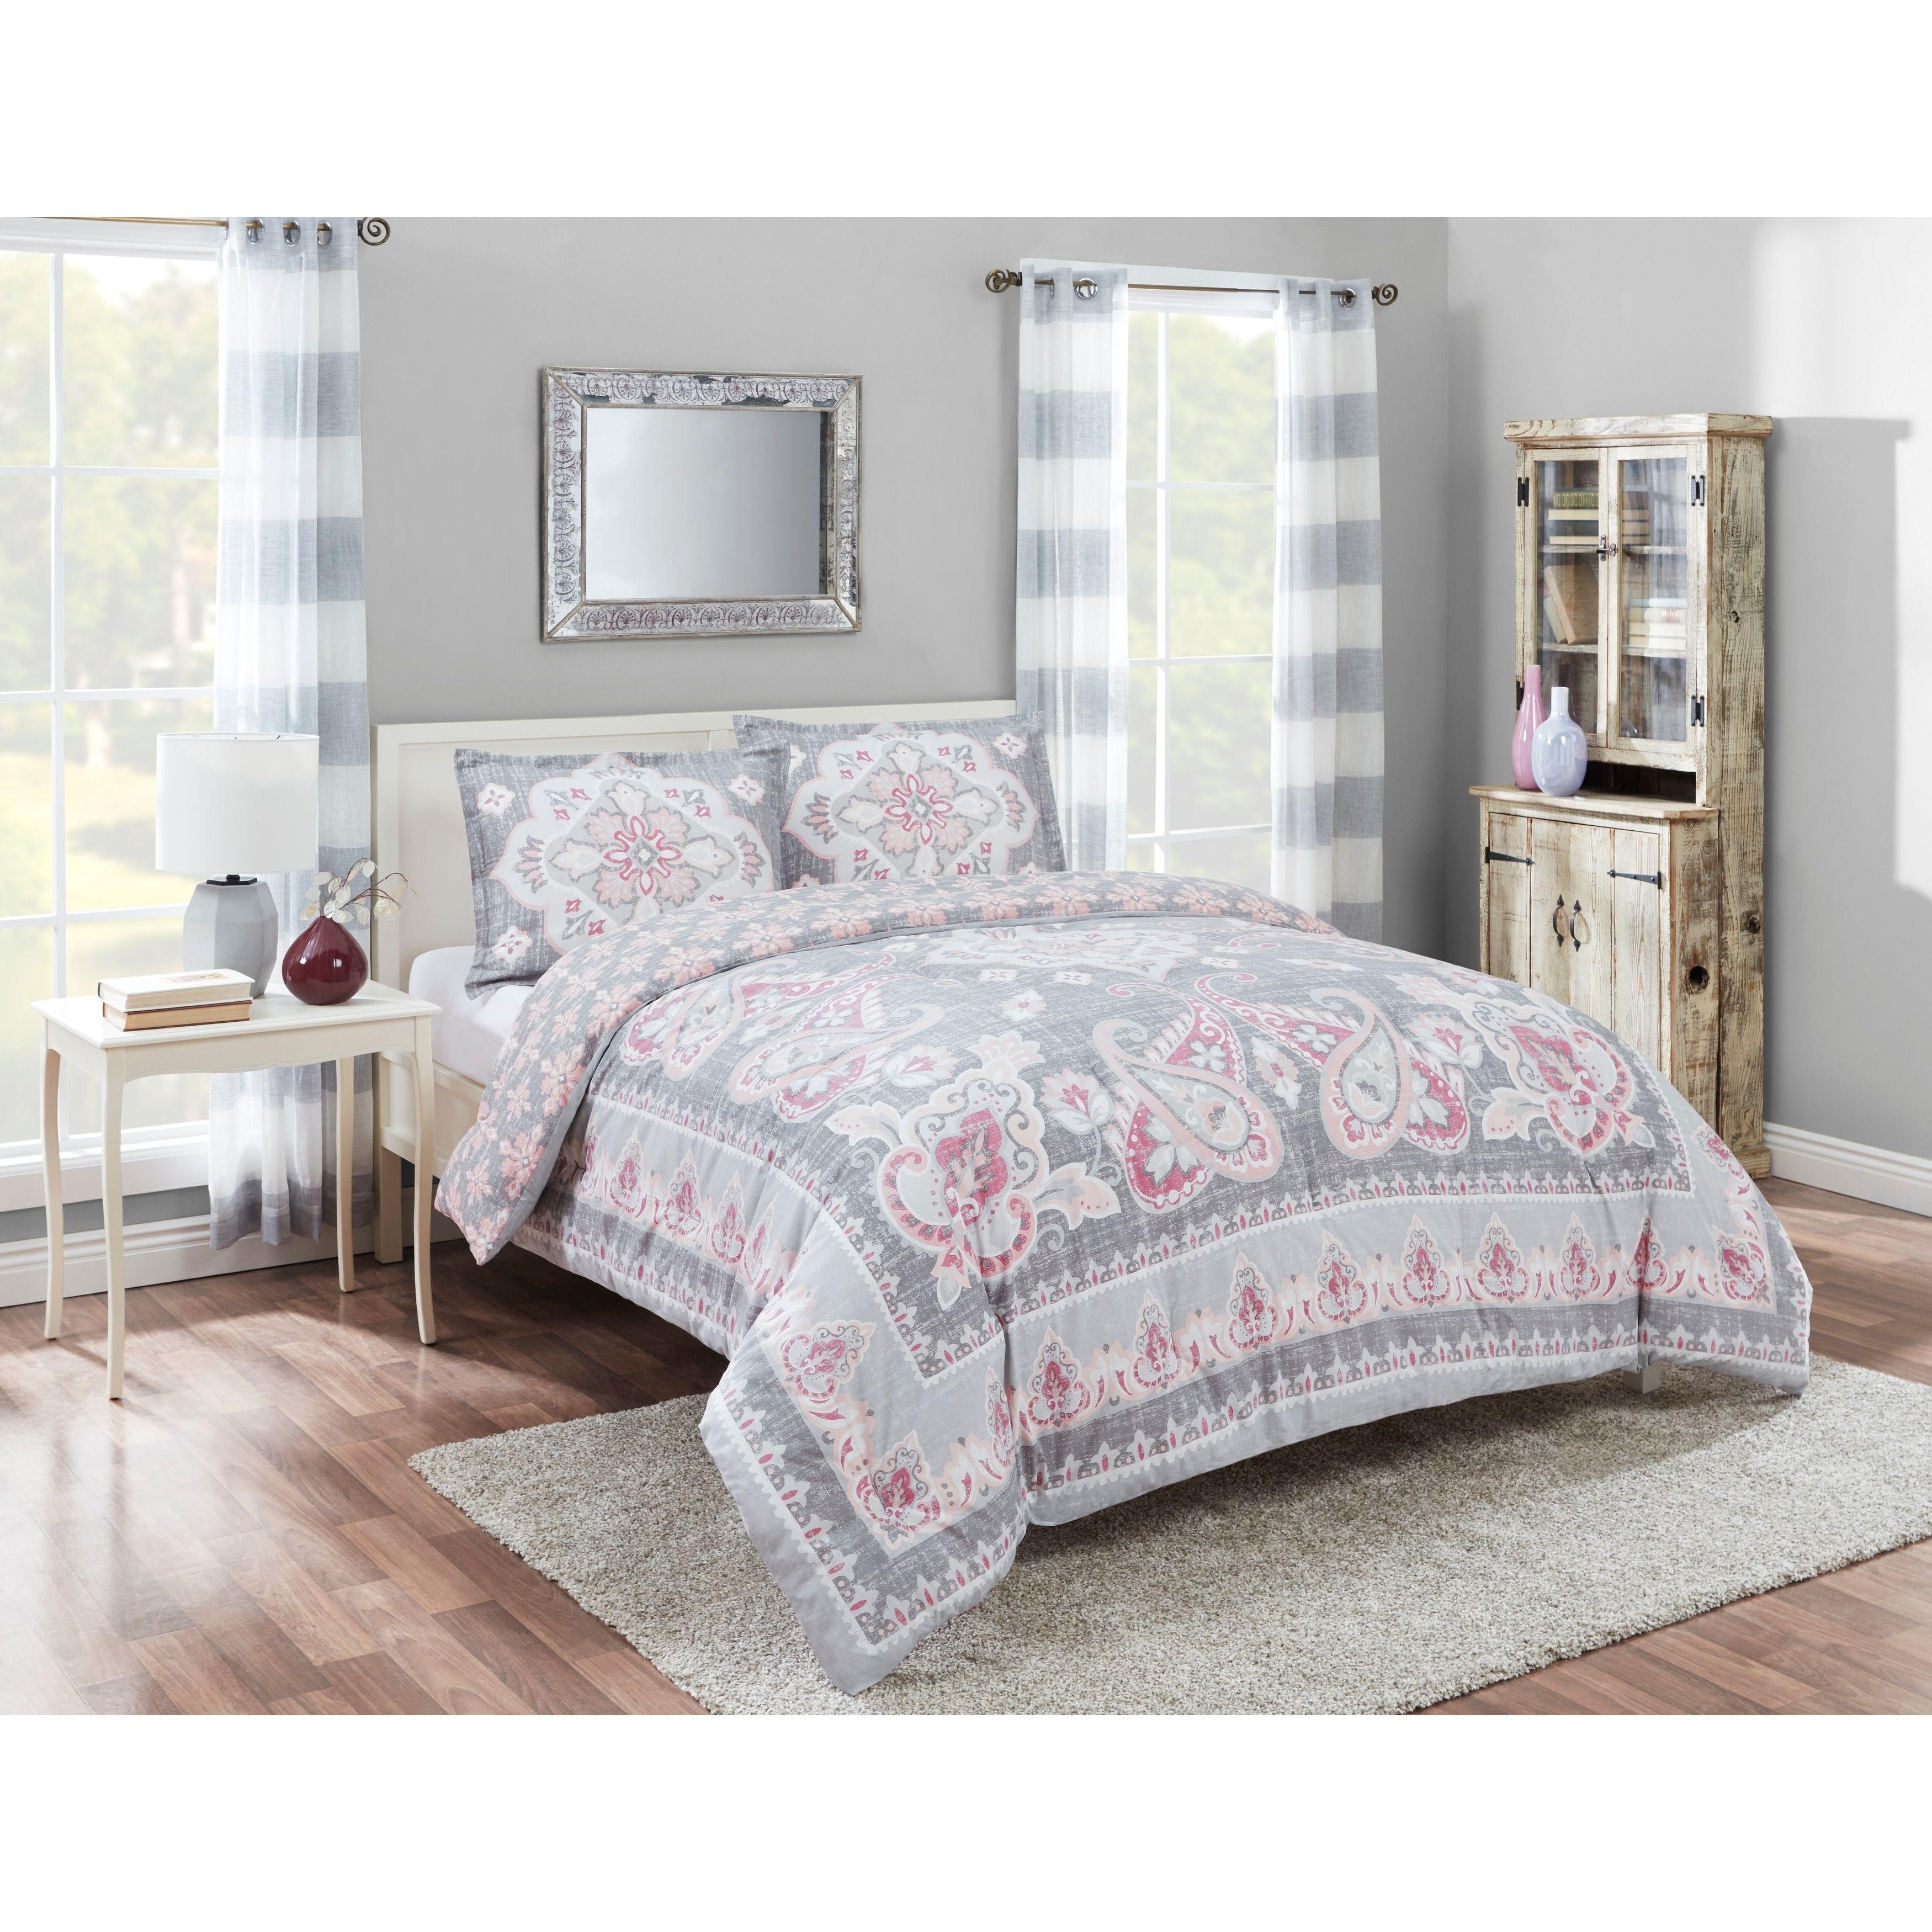 Marble hill nala reversible piece comforter set full queen